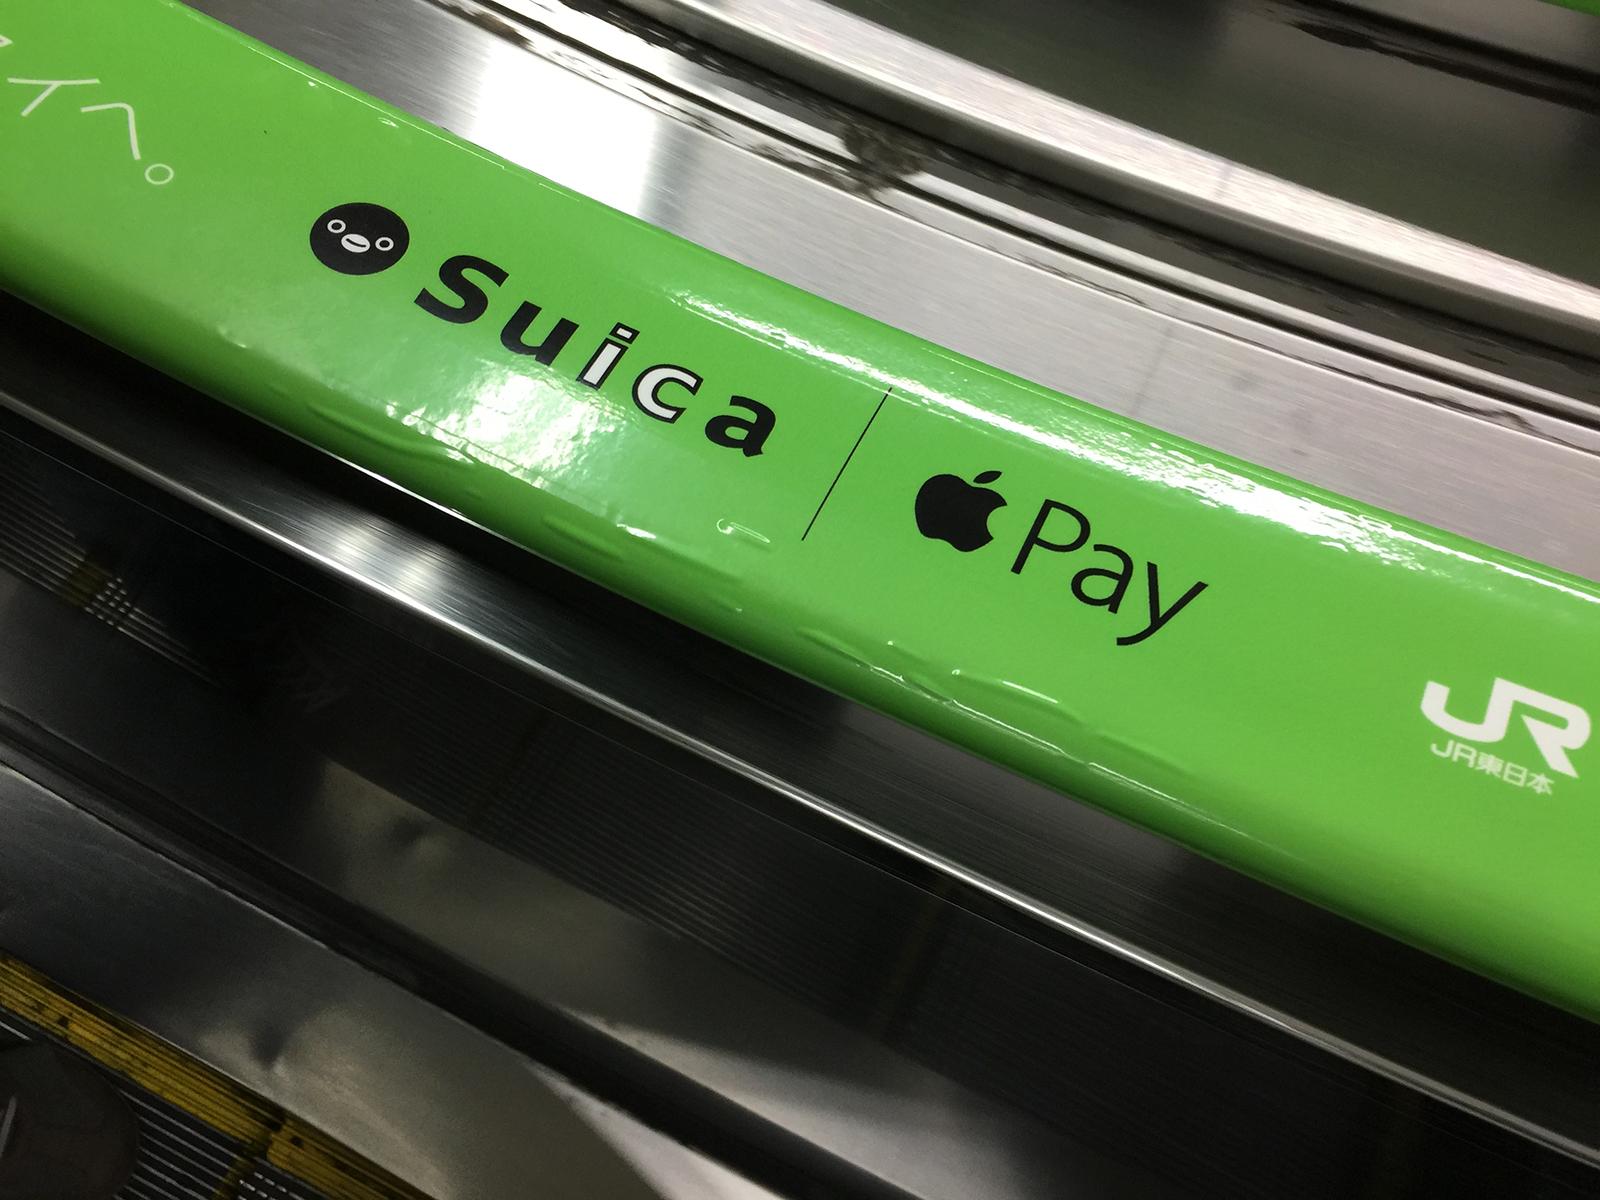 JR promocionando Apple Pay conjuntamente con Apple